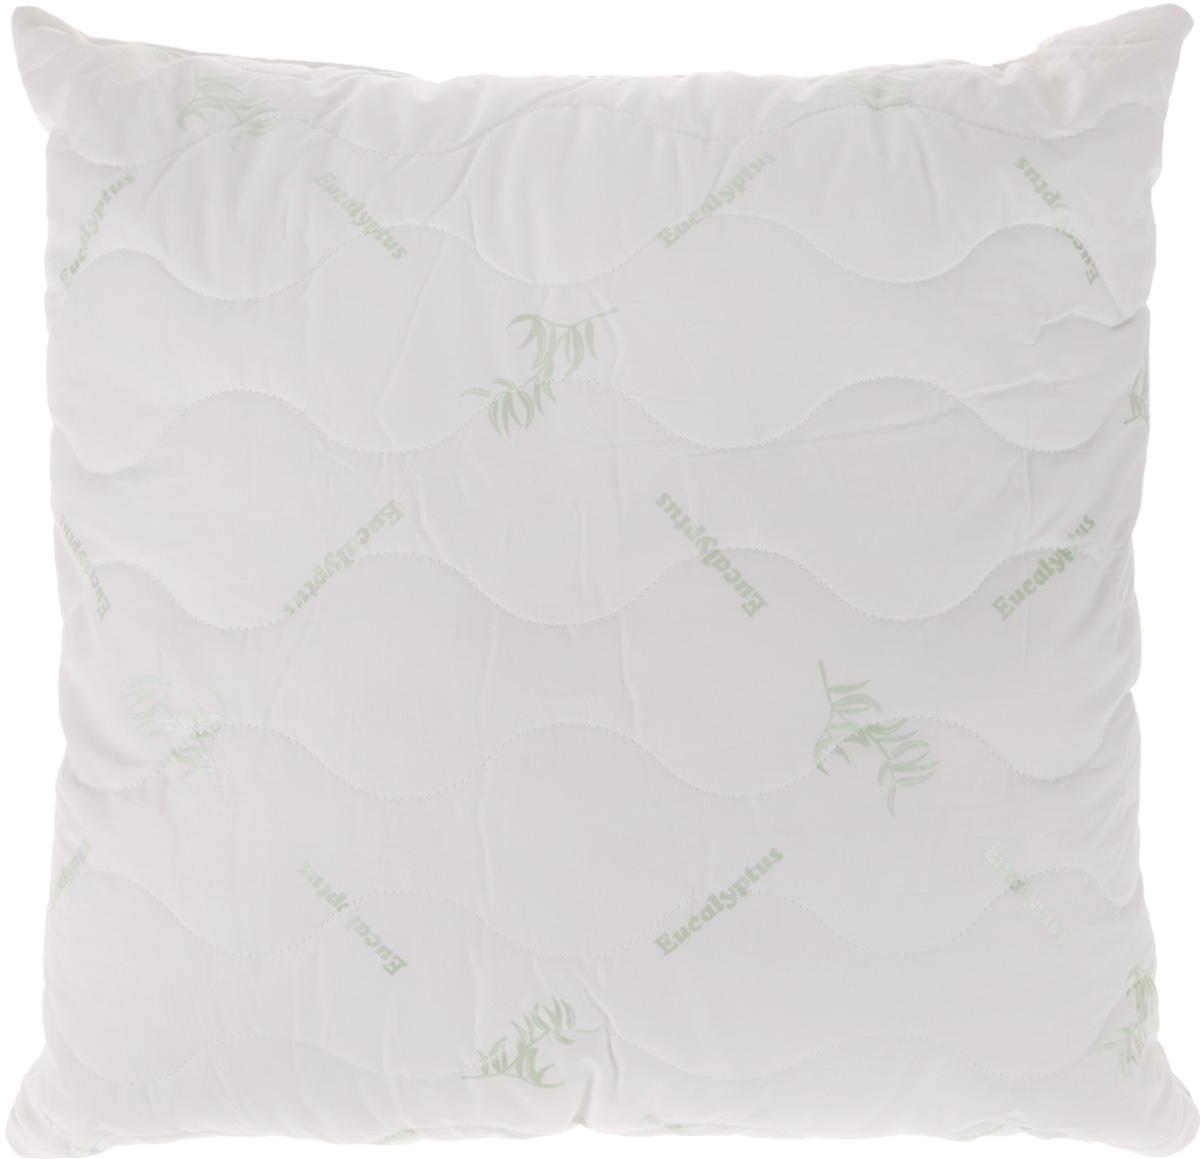 Подушка Ecotex Eucalyptus, наполнитель: эвкалиптовое волокно, полиэстер, 68 х 68 см подушка ecotex эдда наполнитель пух 68 х 68 см